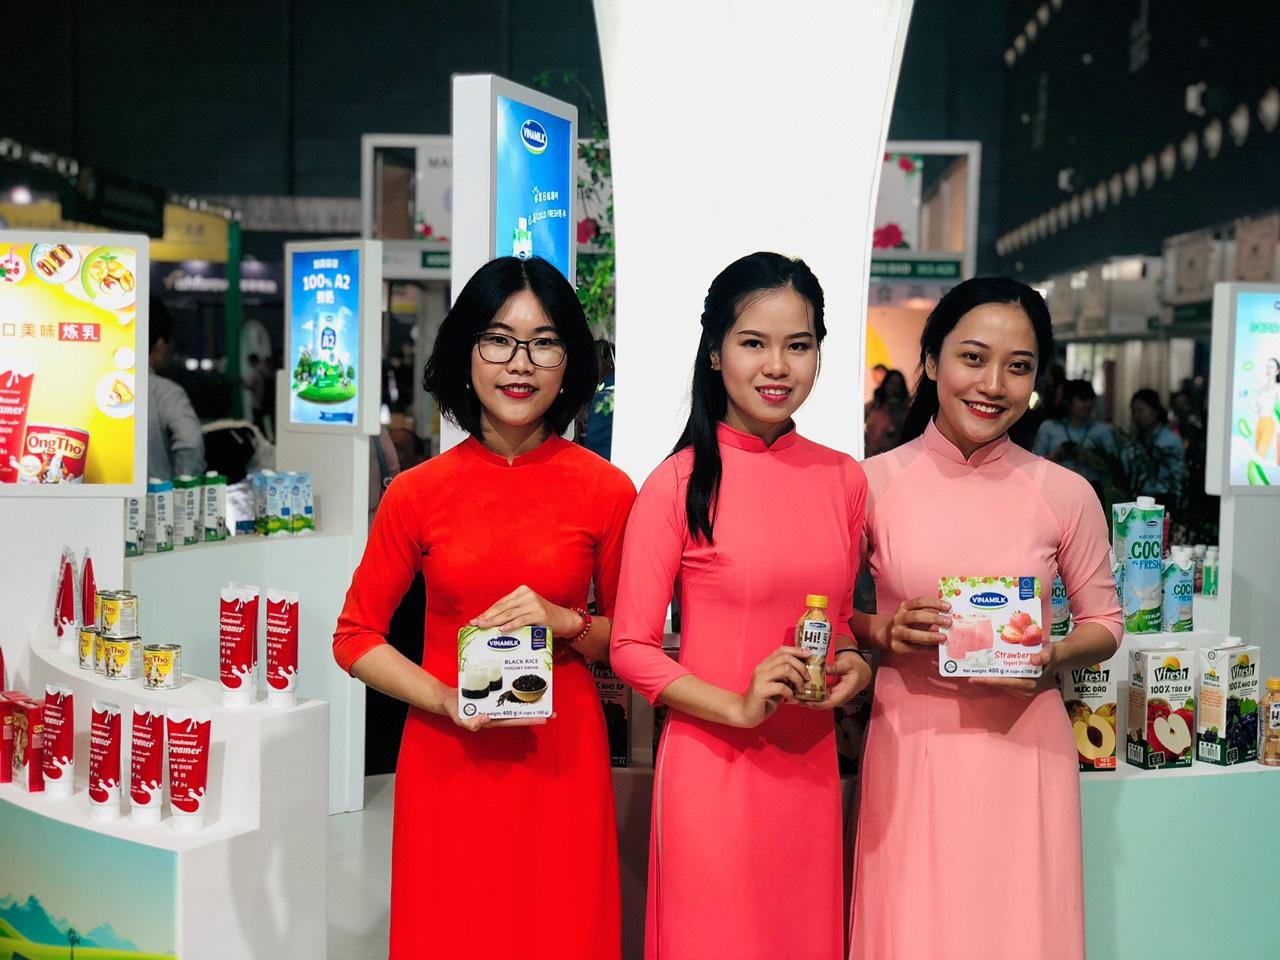 Người tiêu dùng Trung Quốc hào hứng đón nhận sản phẩm Vinamilk sau khi nghị định thư được thông qua - Ảnh 2